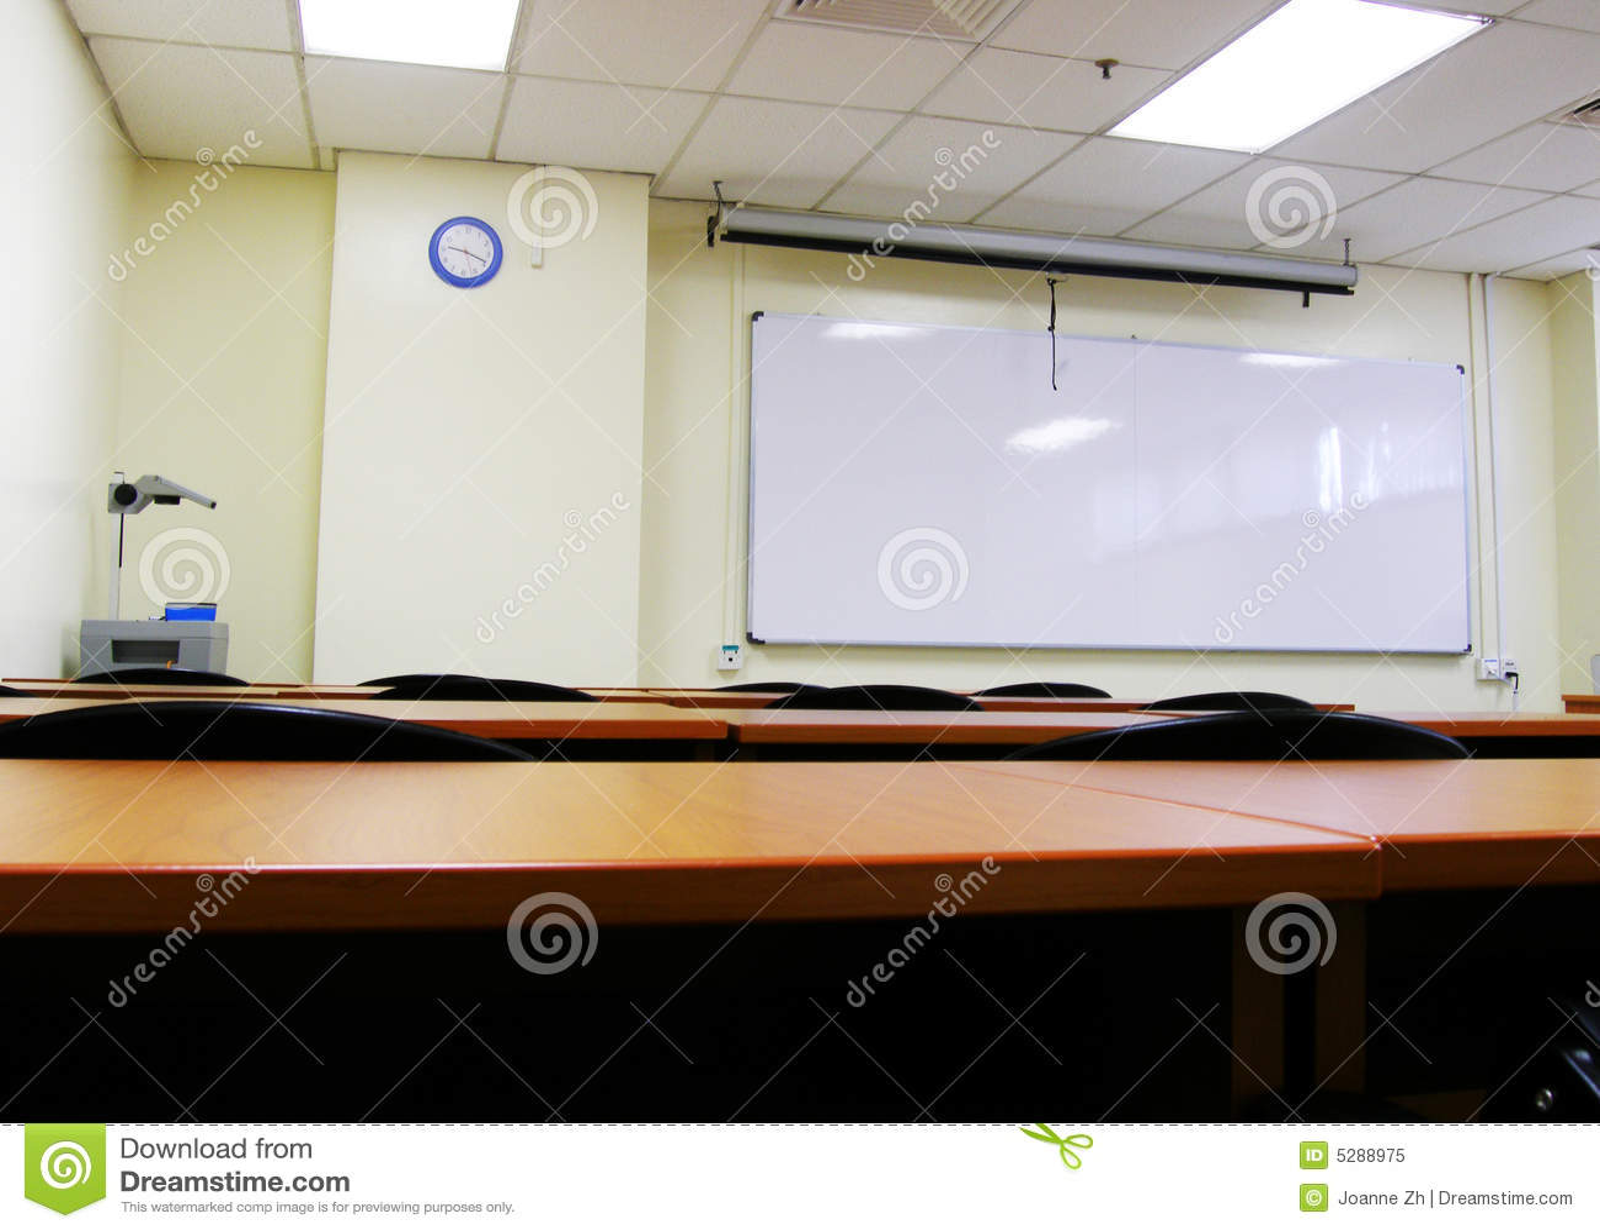 Seminar Room Set Up Royalty Free Stock Photo Image 5288975